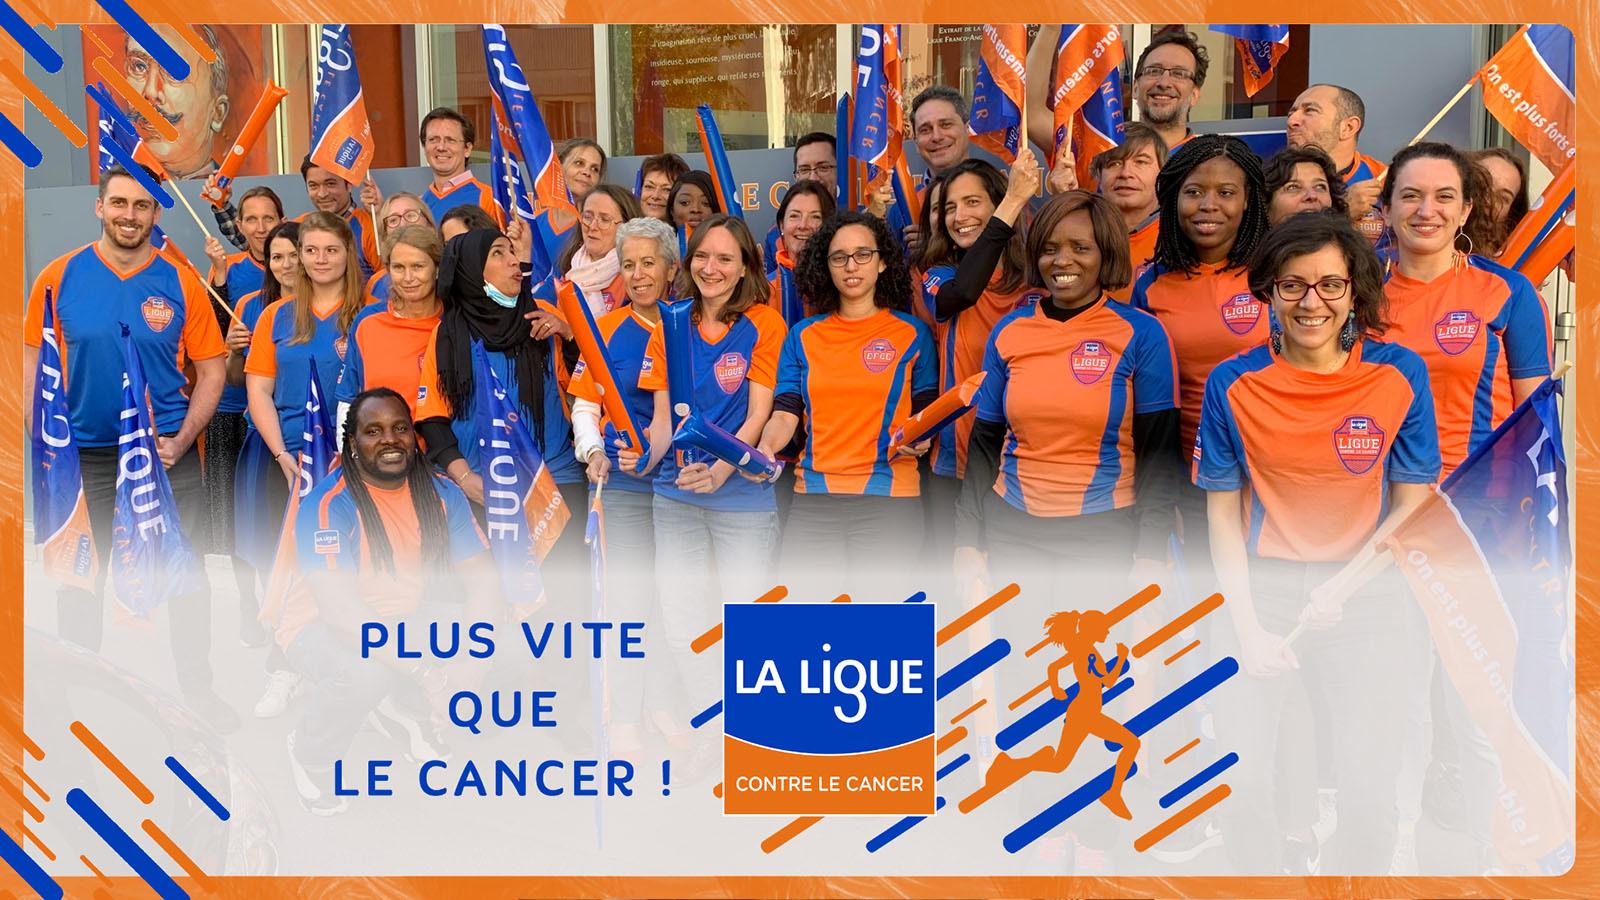 Ligue contre le cancer siège-challenge photos PVQC-1600x900